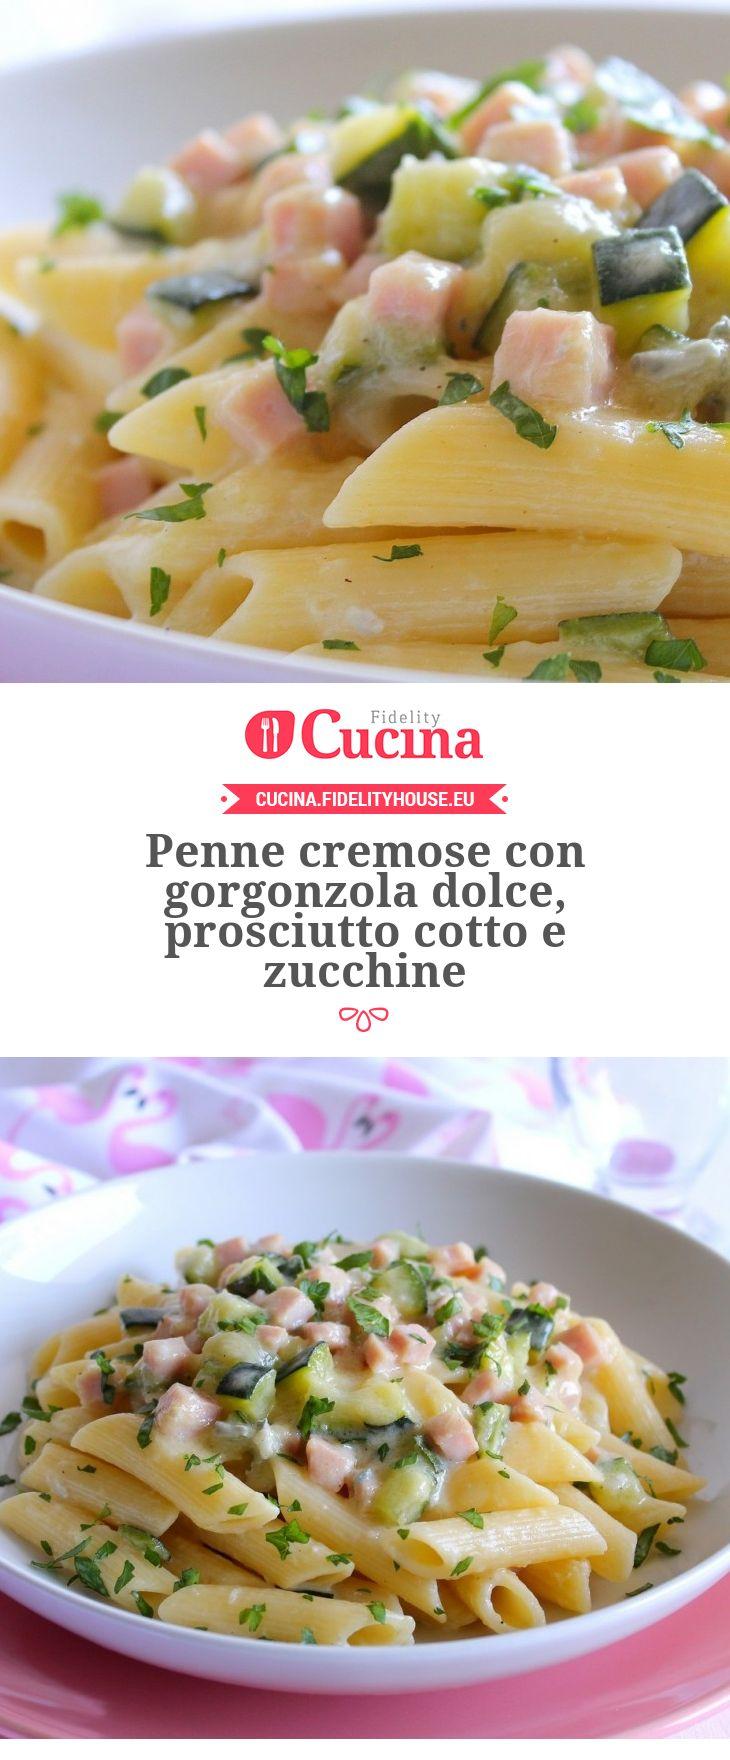 Penne cremose con #gorgonzola dolce, prosciutto cotto e #zucchine della nostra…